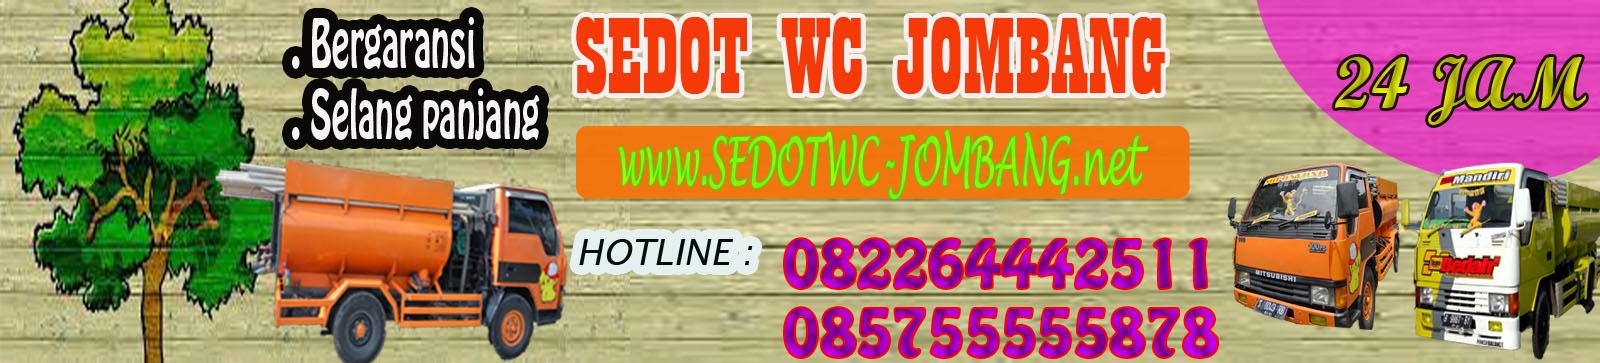 SEDOT WC JOMBANG Murah 082264442511